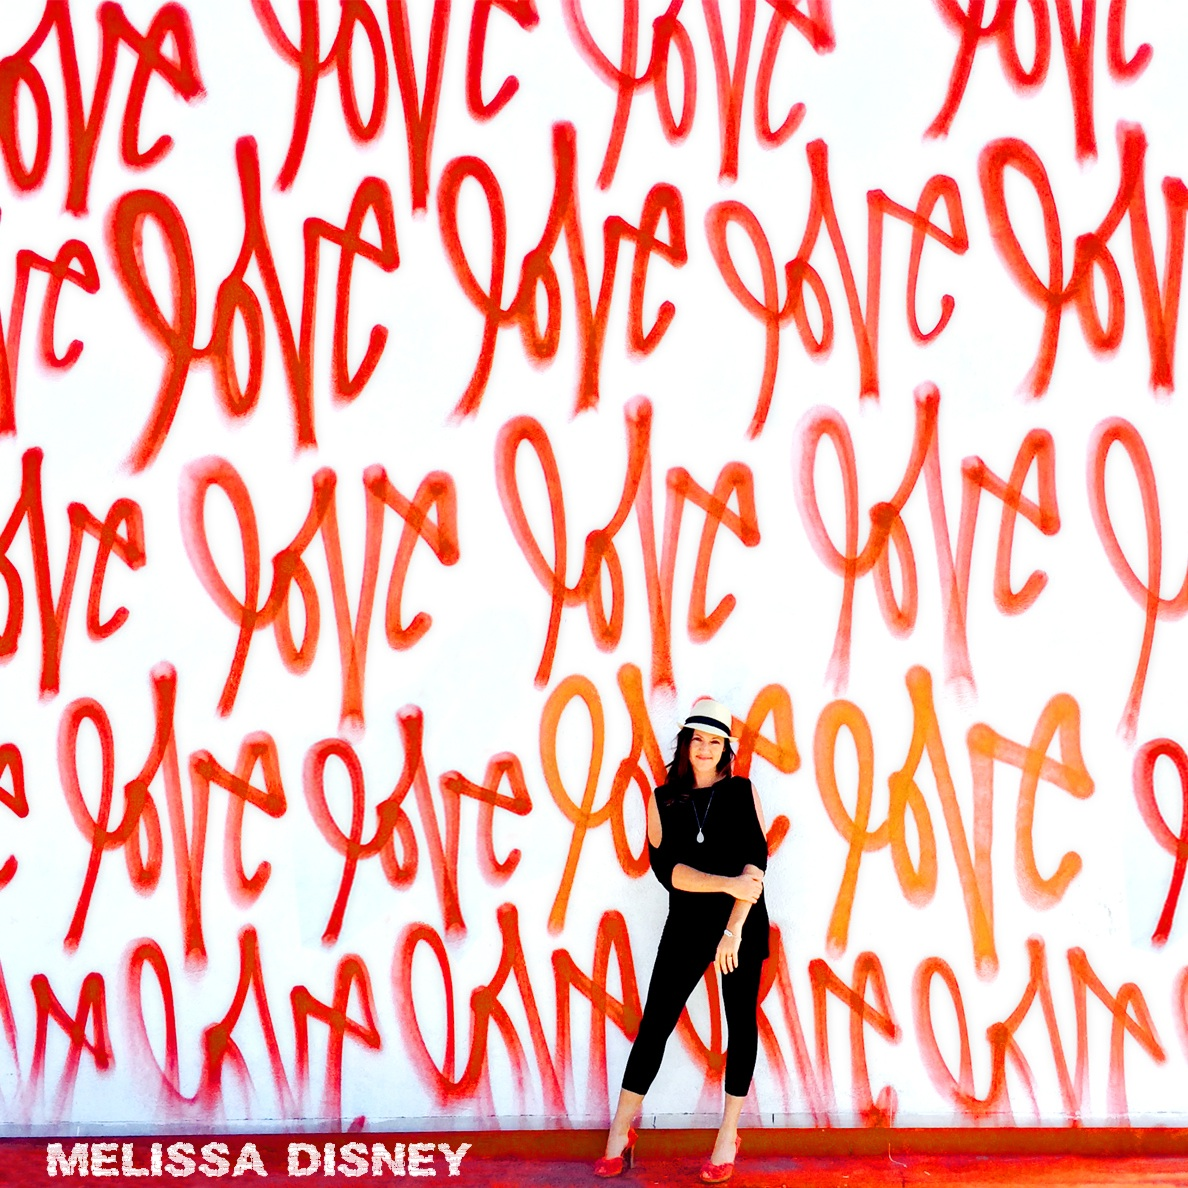 LOVE - Cover Art for new album -MELISSA DISNEY.jpg